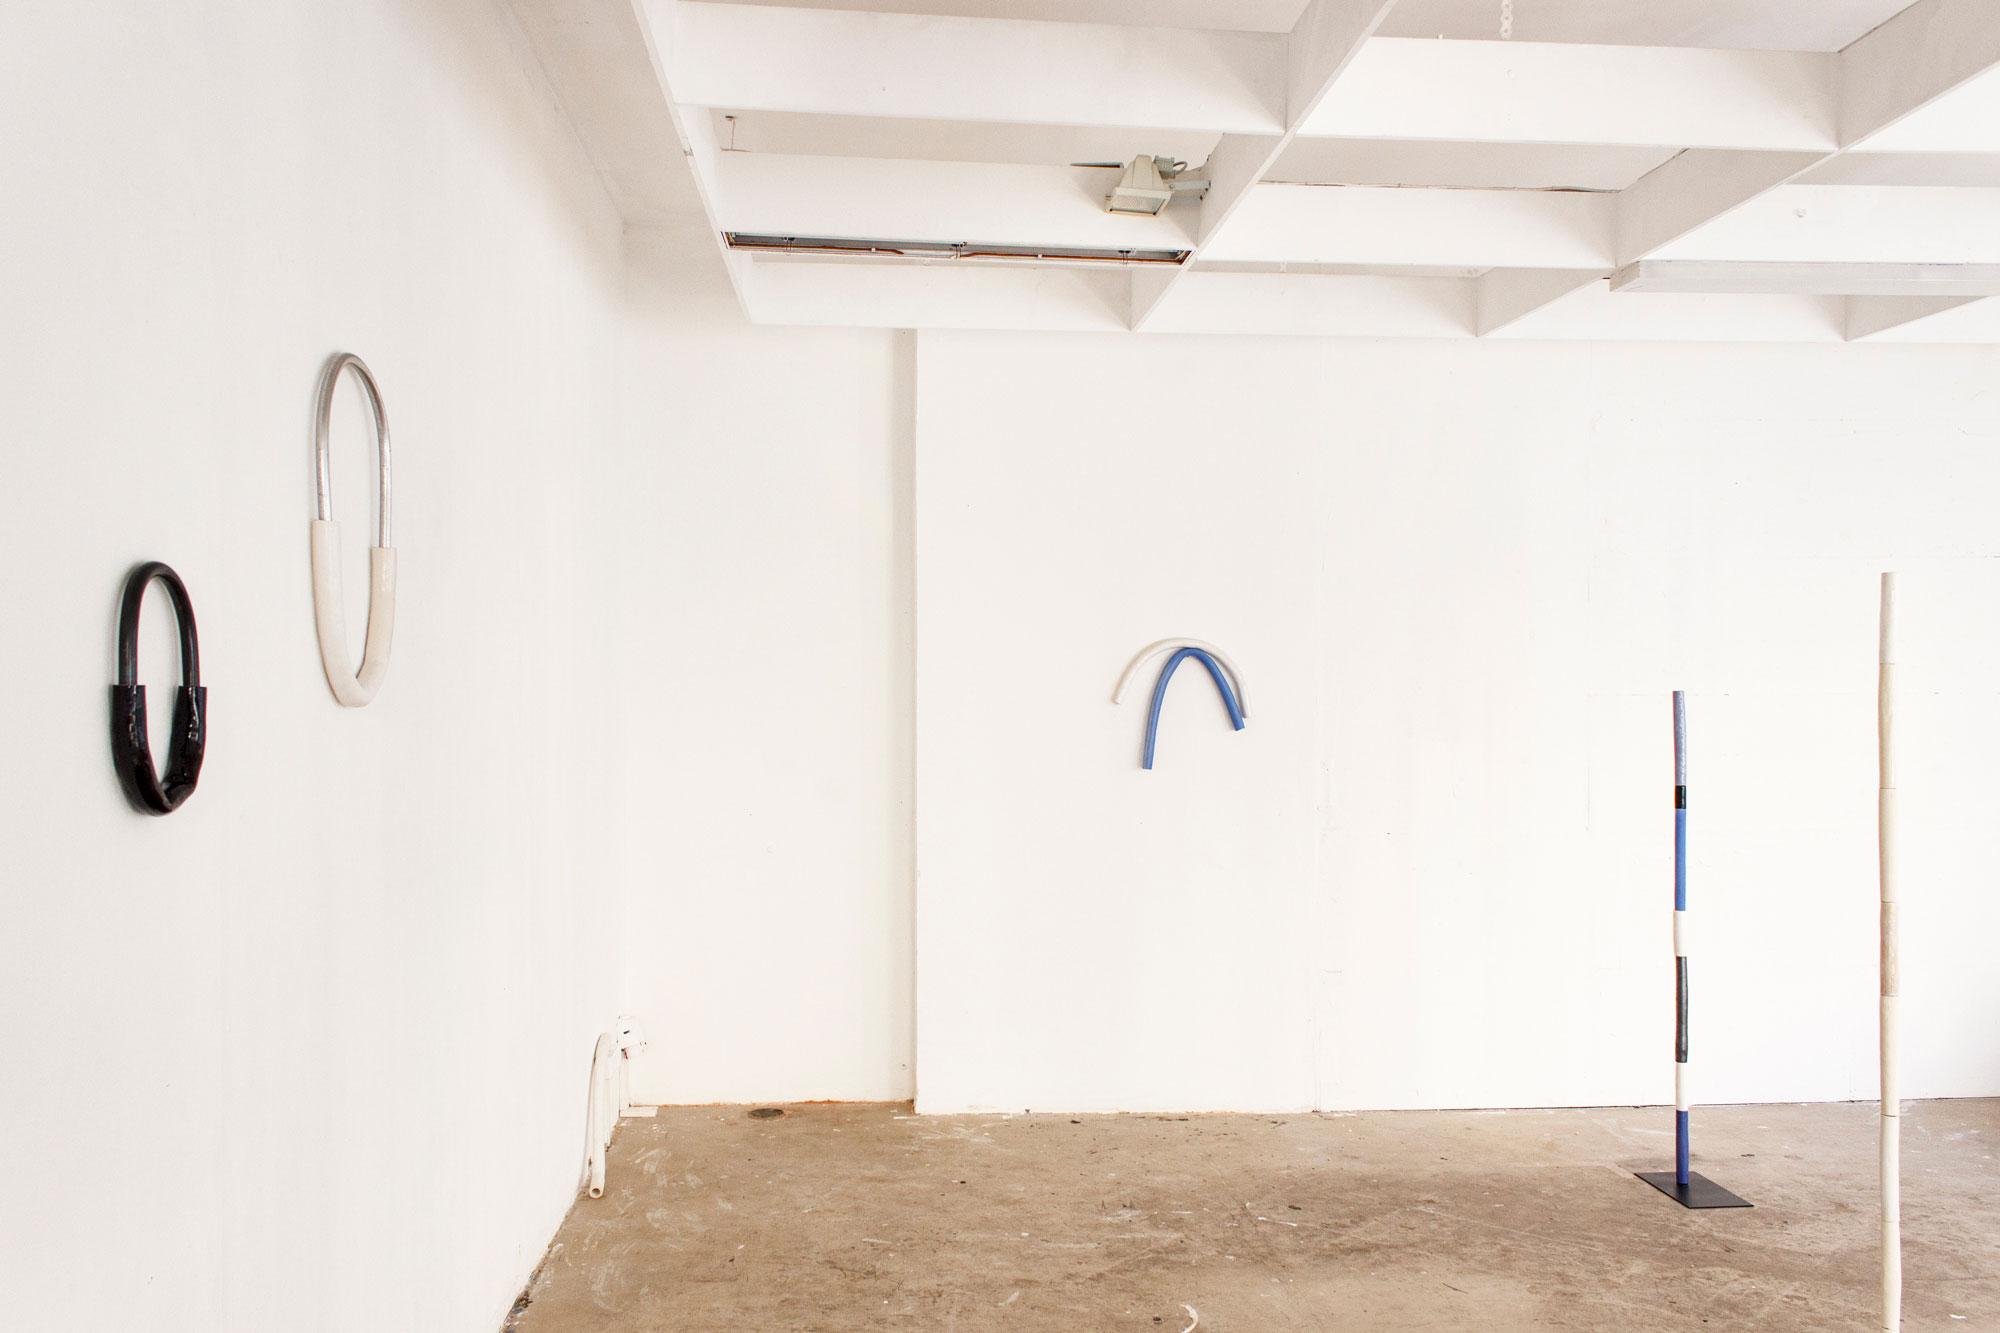 Passione-celeste_Ausstellungsansicht_07_Luka-Jana-Berchtold